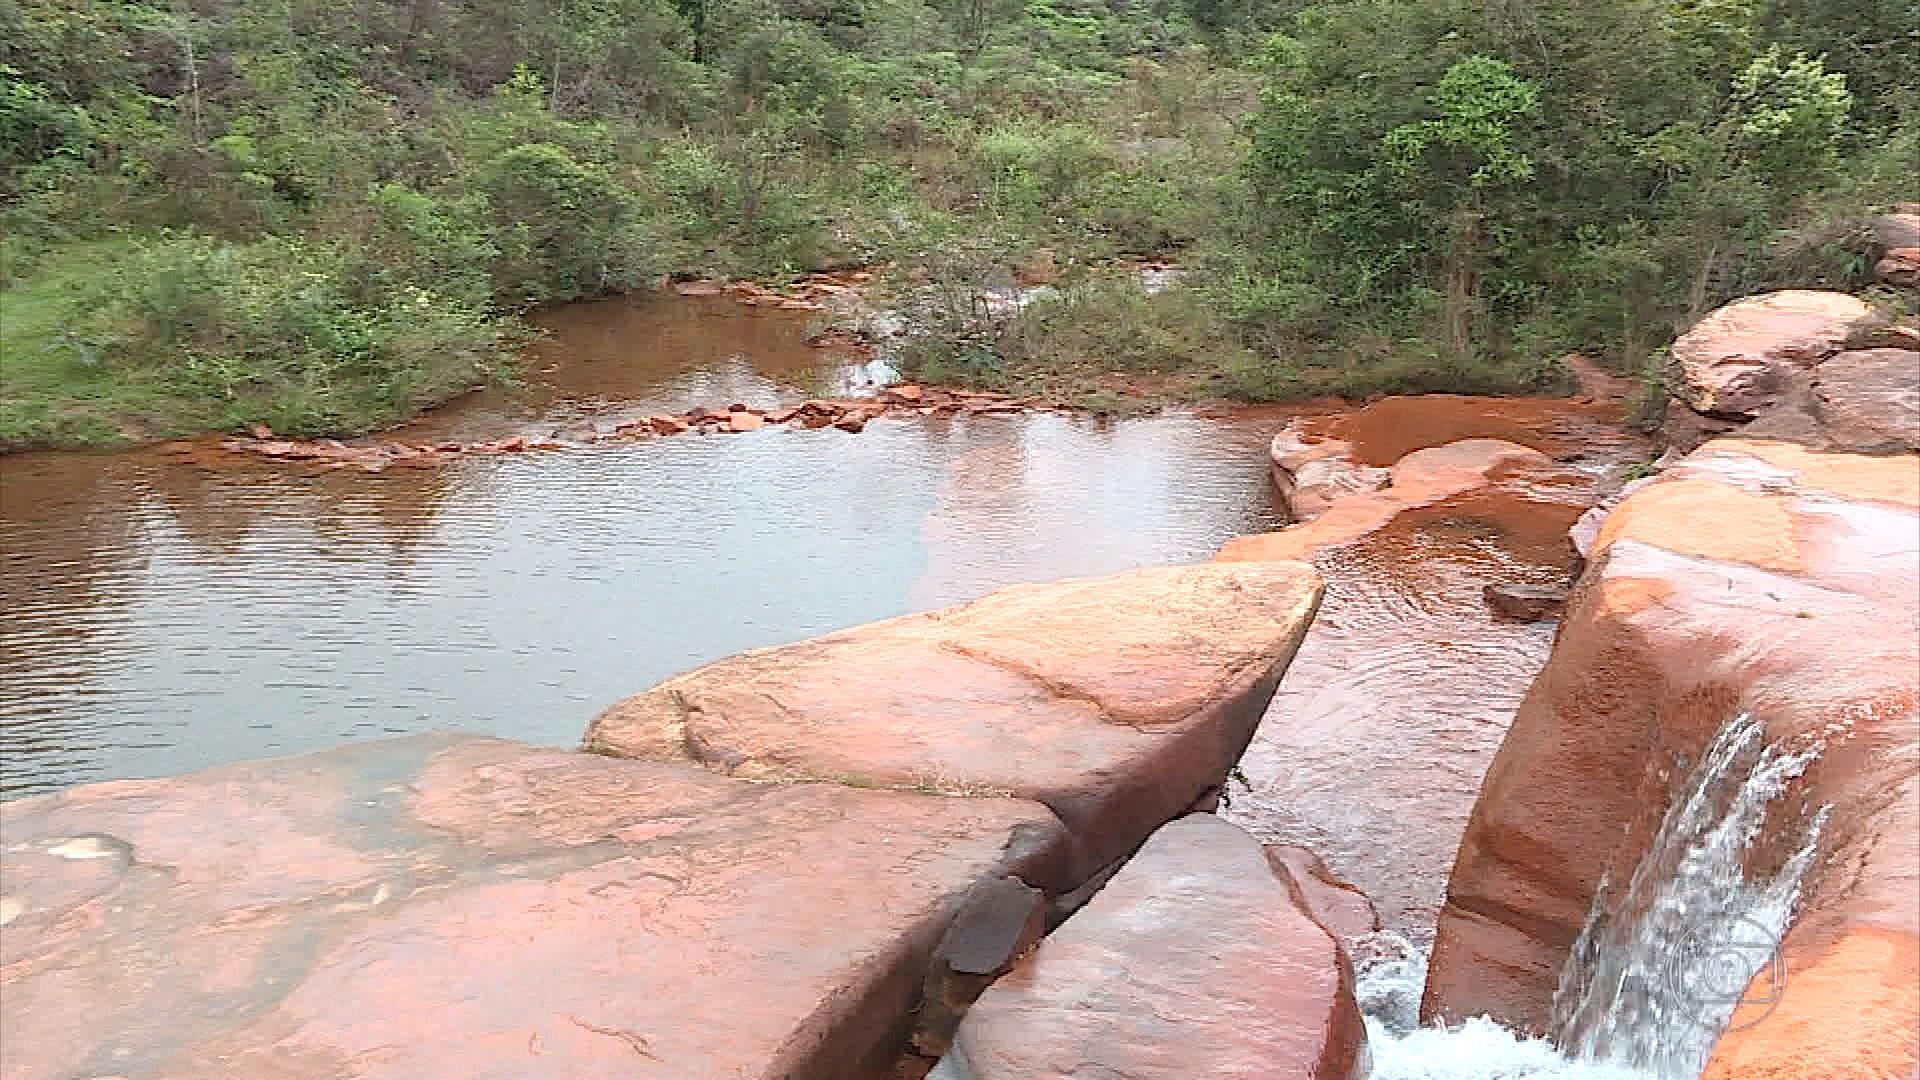 Igam declara escassez hídrica em parte da bacia do Rio das Velhas, em MG - Notícias - Plantão Diário